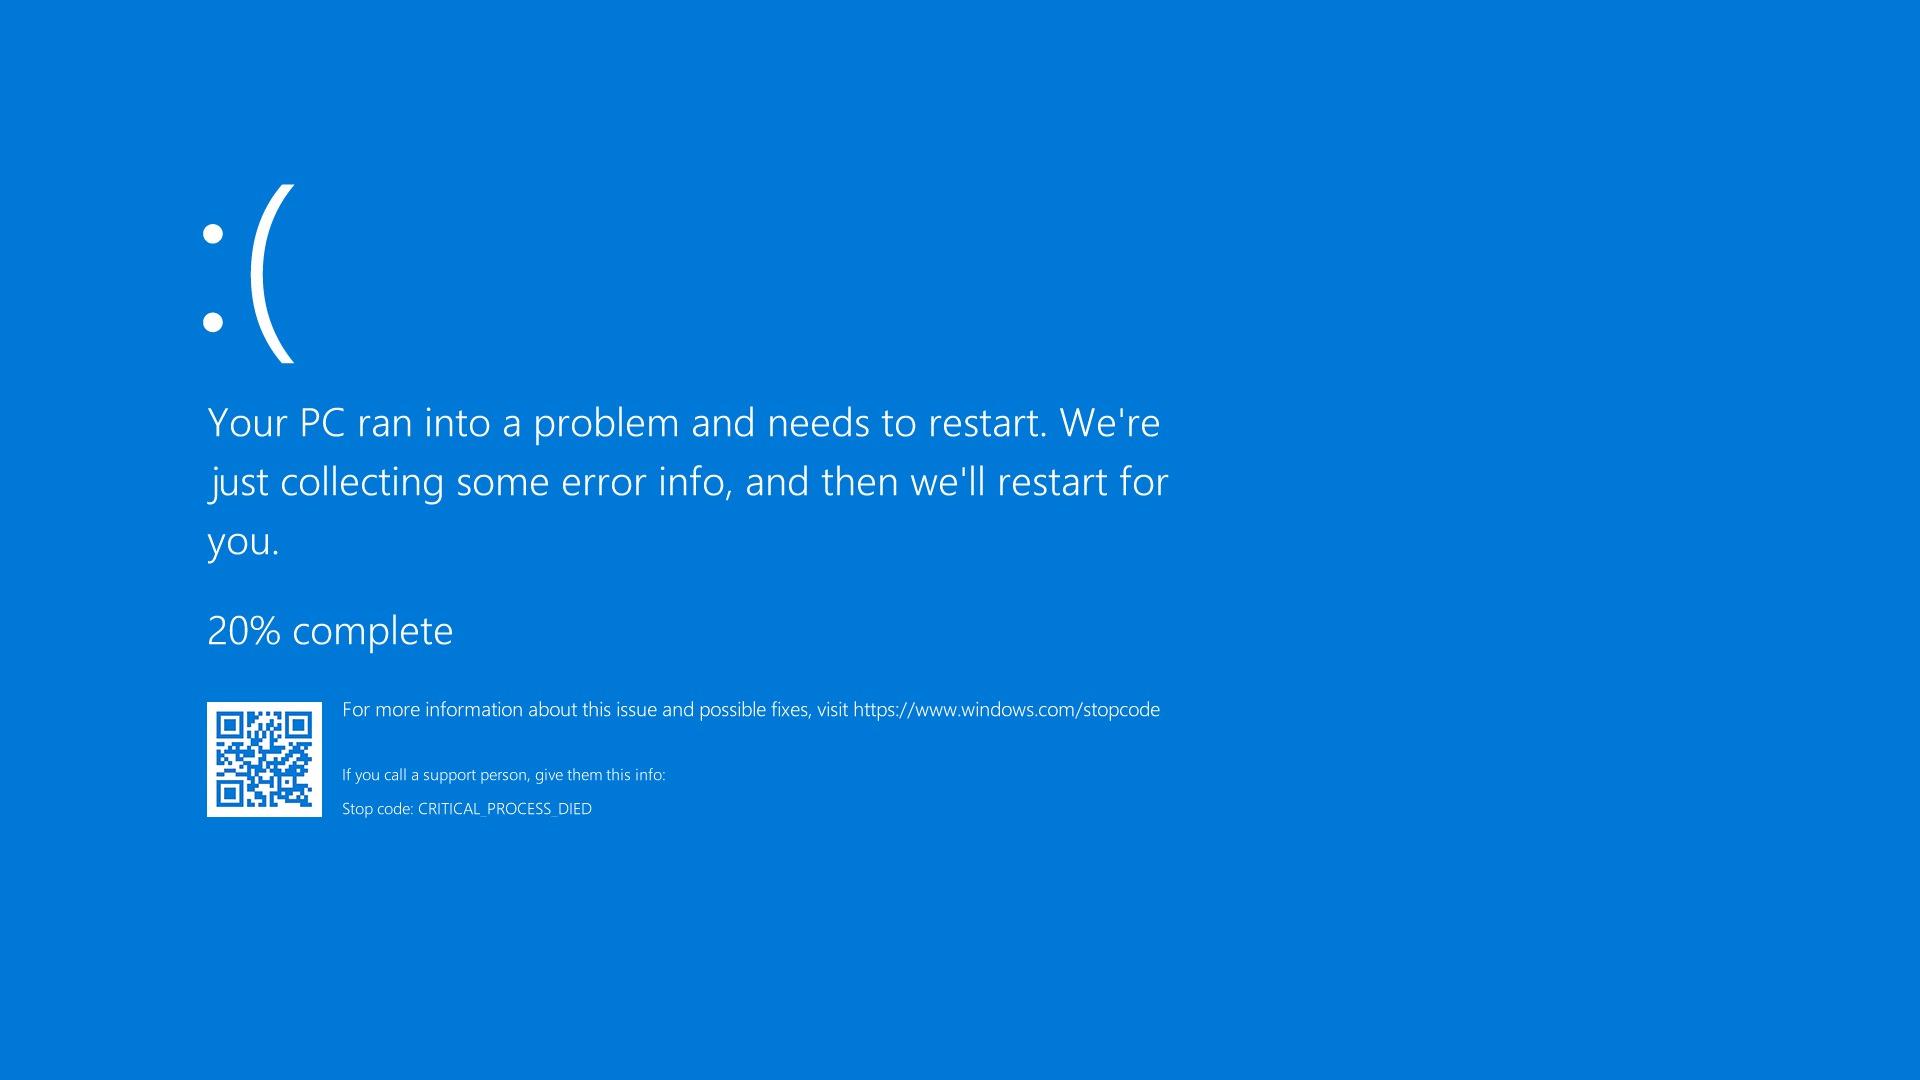 Comment réparer sur Windows 10 : Critical process died